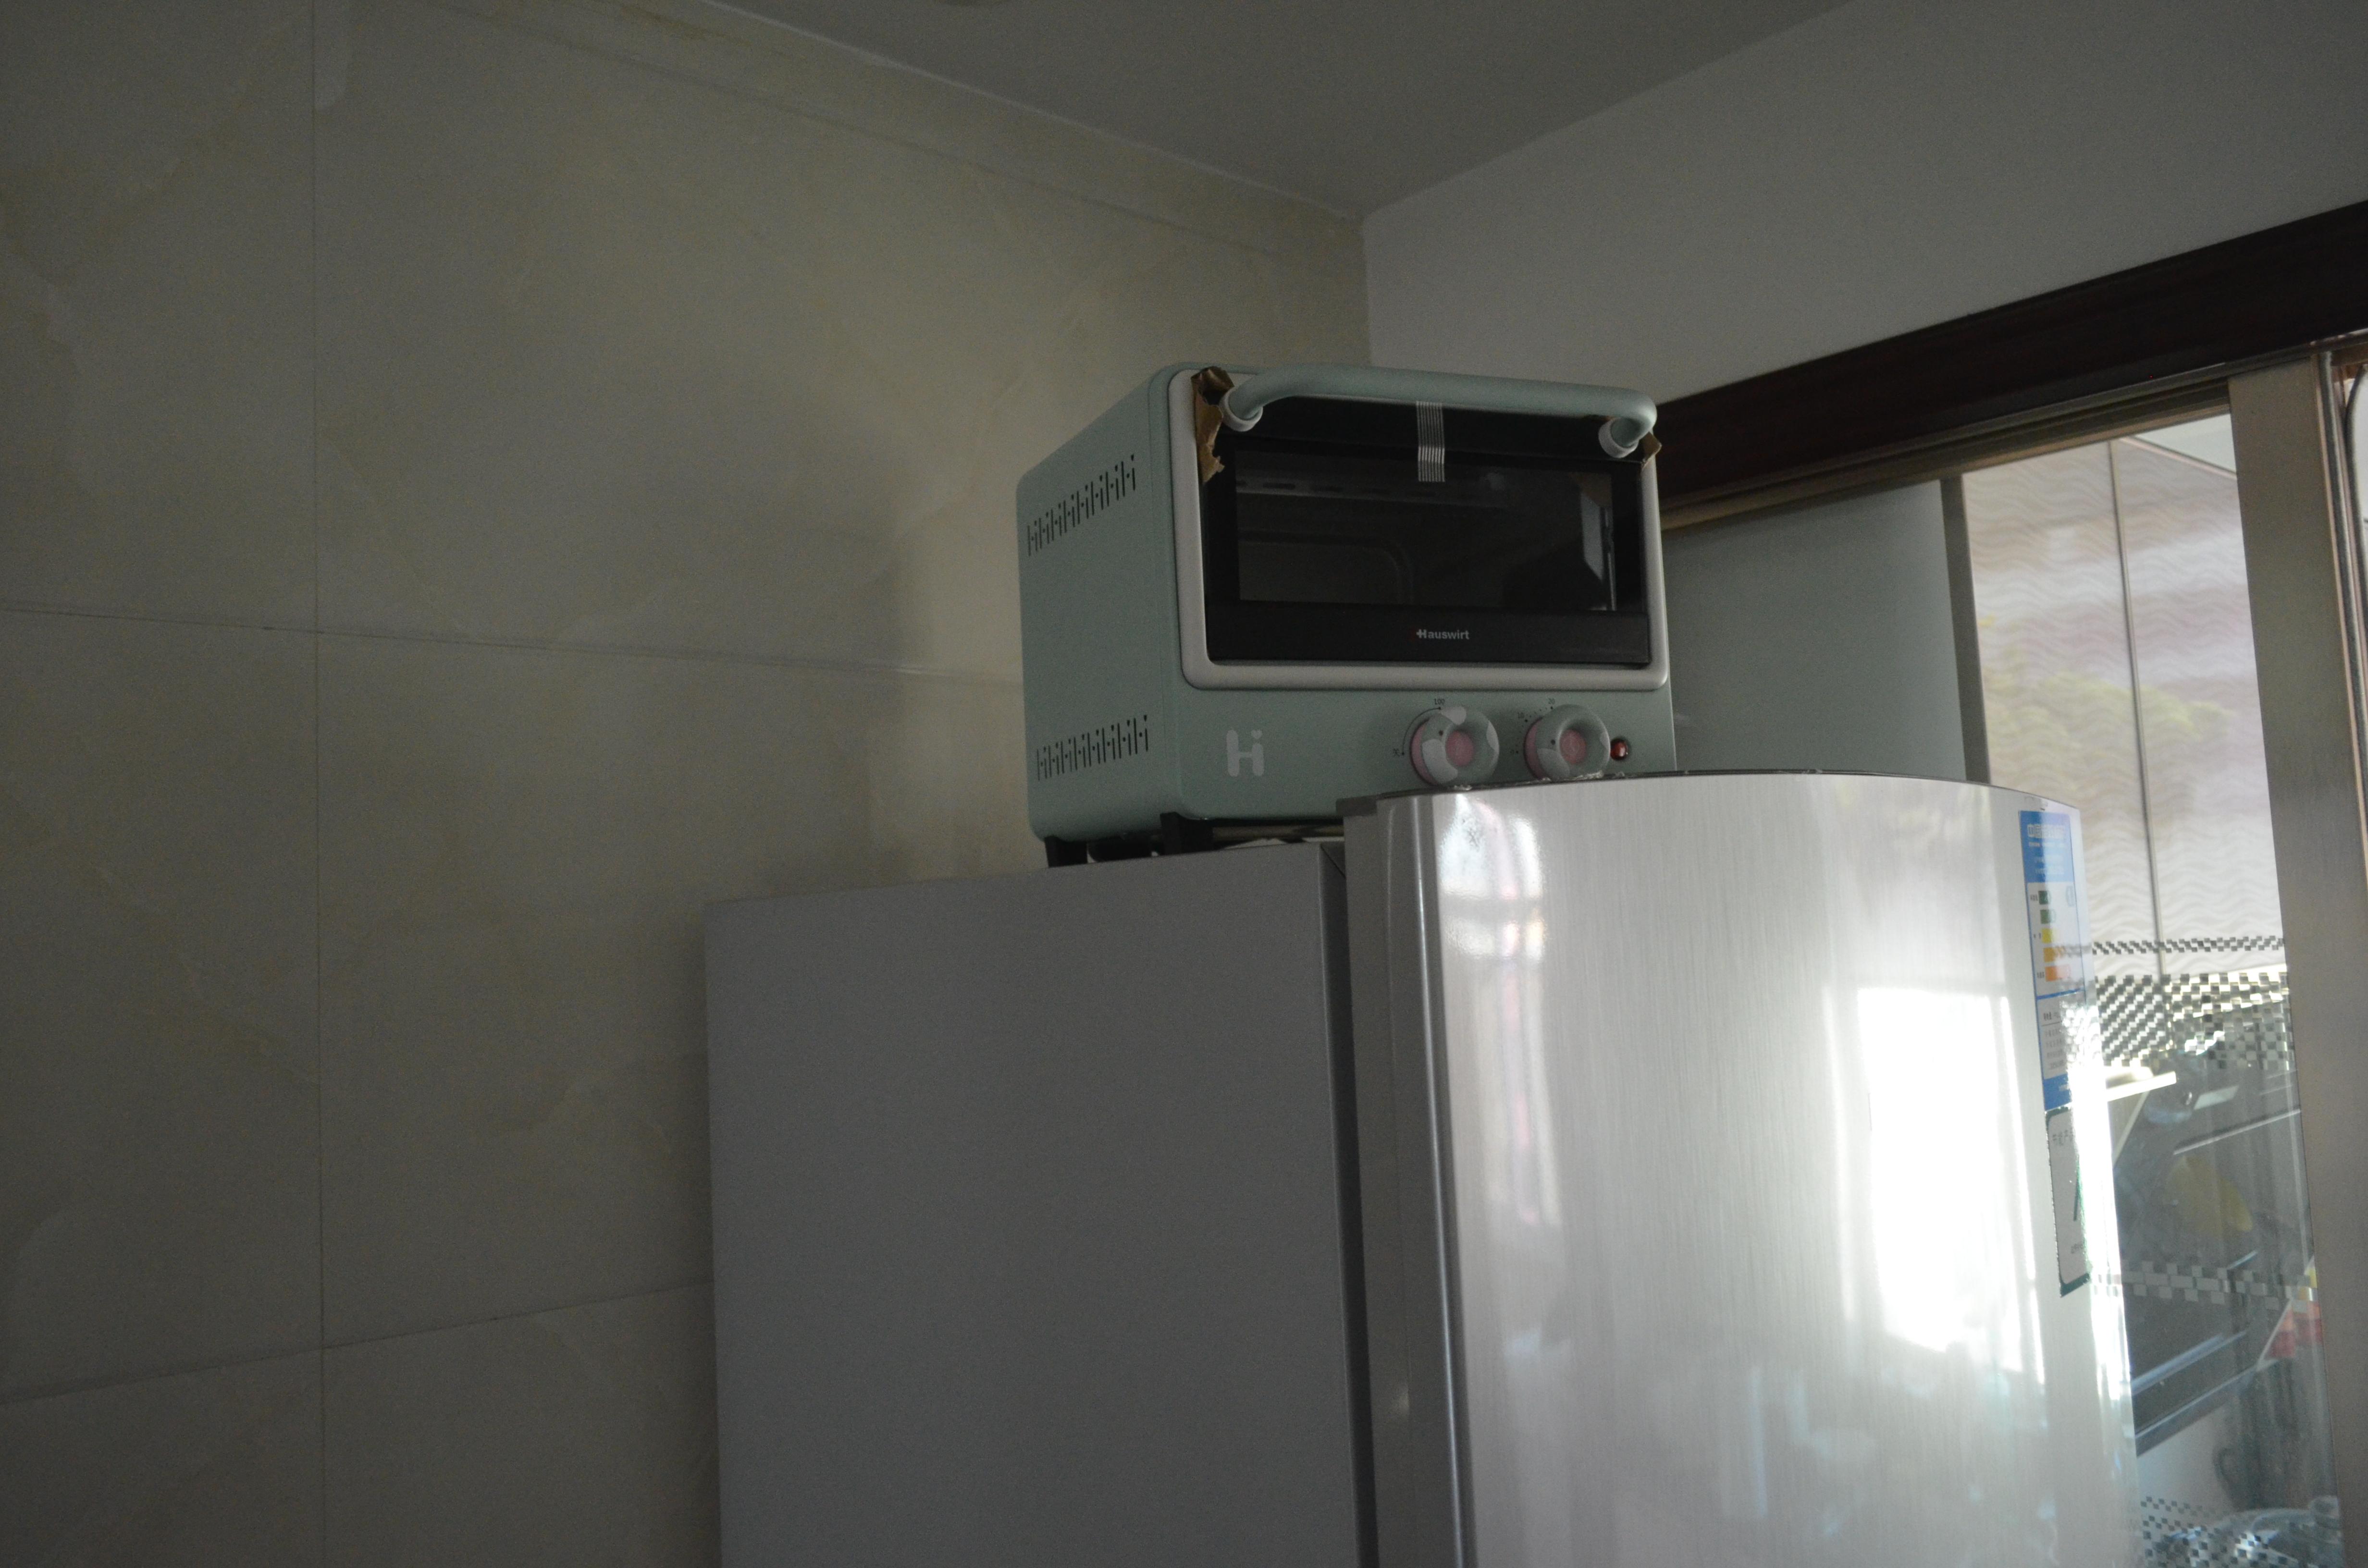 電冰箱上面不要放3樣物品,放錯了記得及時挪走,看完長見識了